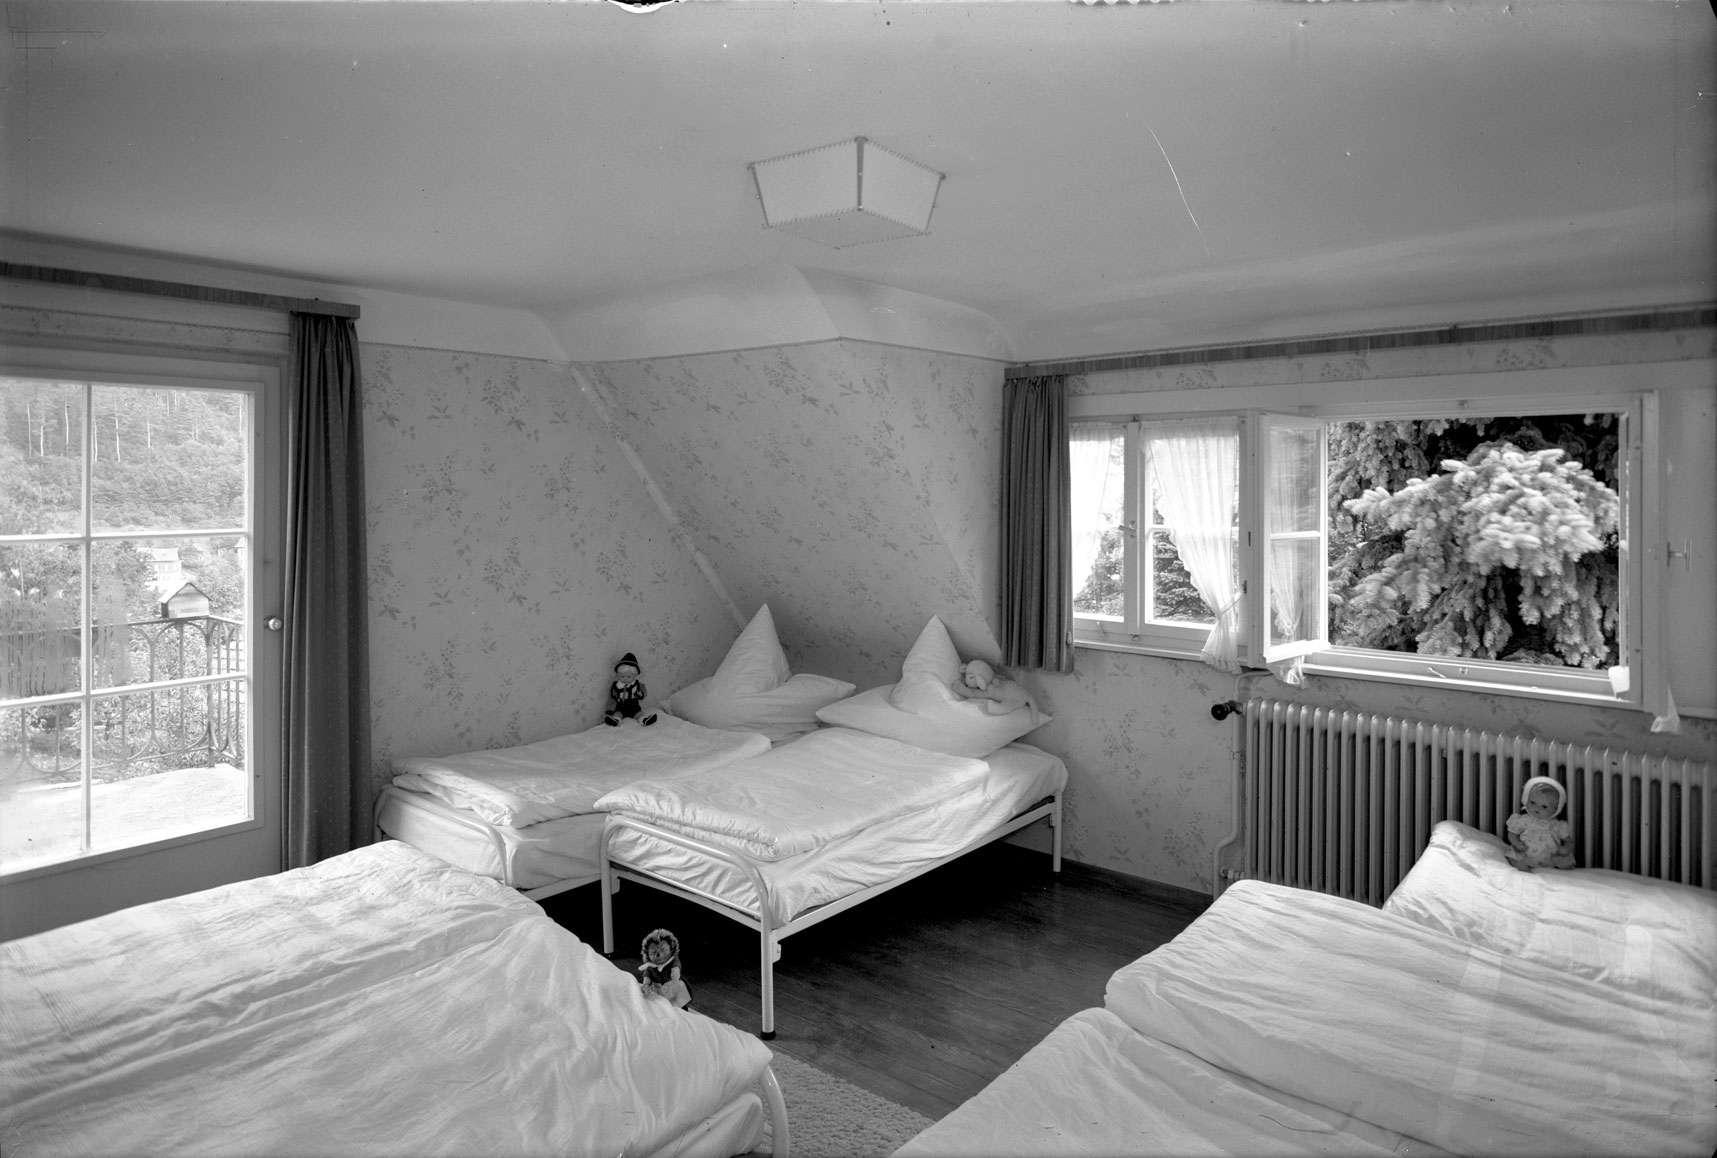 Wildbad / Höfen u.a. 1955 (2), Nr 001